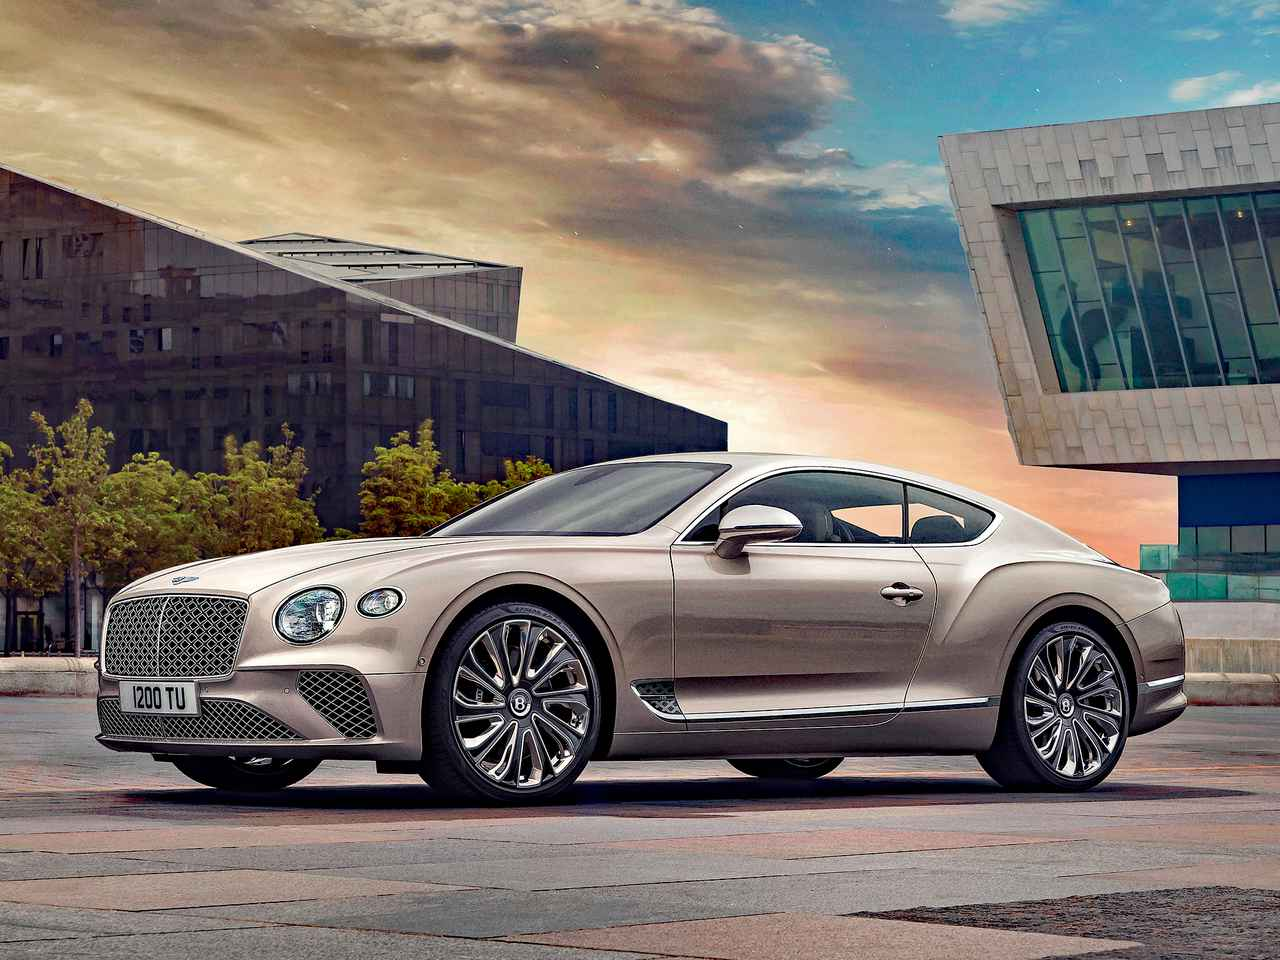 究極の贅沢品、新型「ベントレー コンチネンタルGT マリナー」の価格が発表に